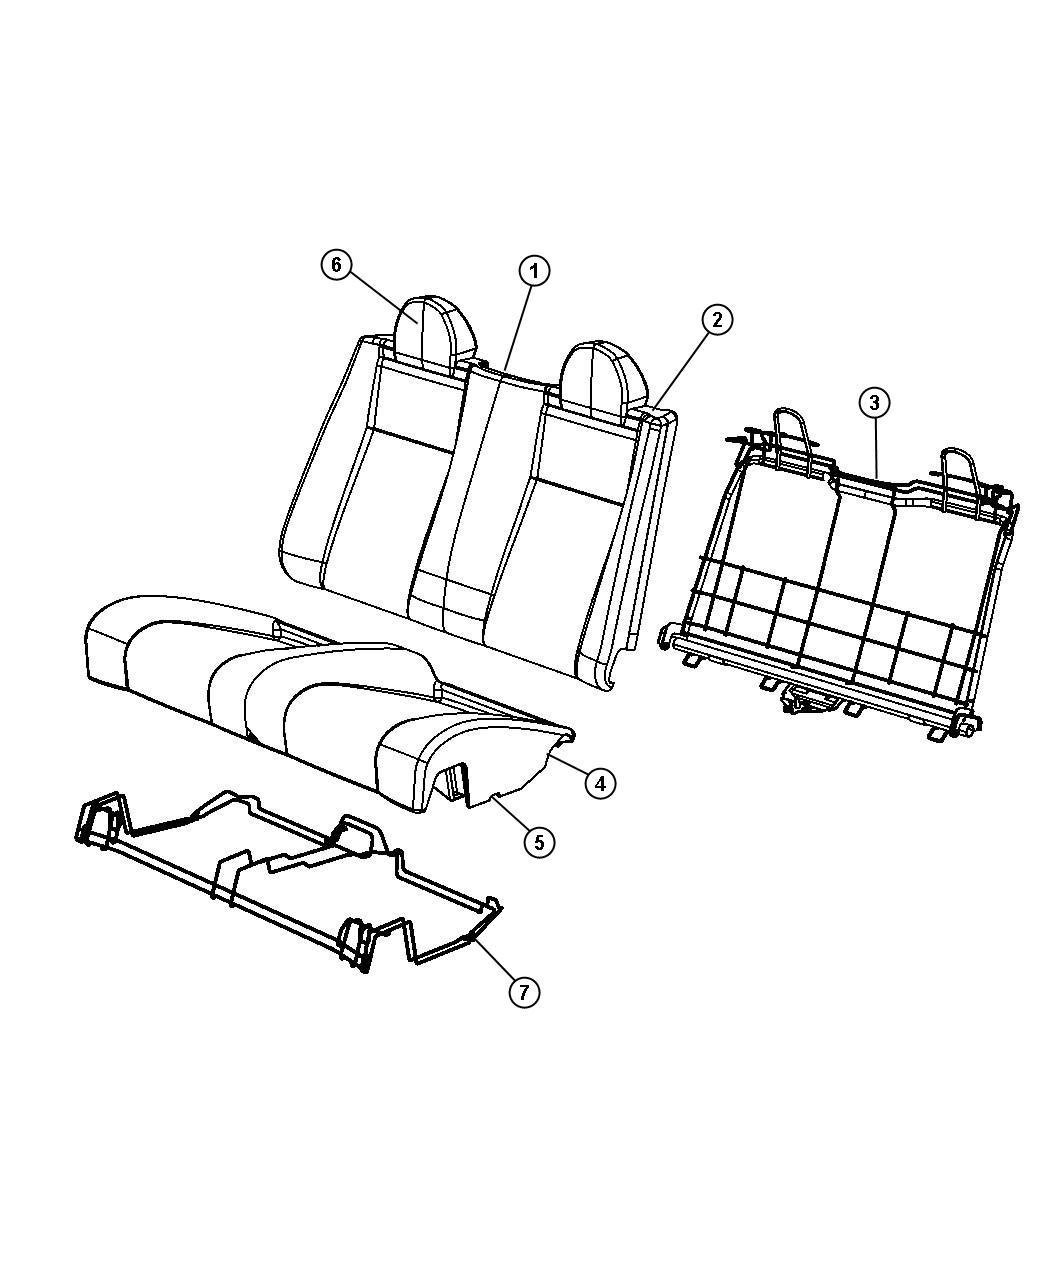 Chrysler Sebring Seat Back Rear Dv Export Dv